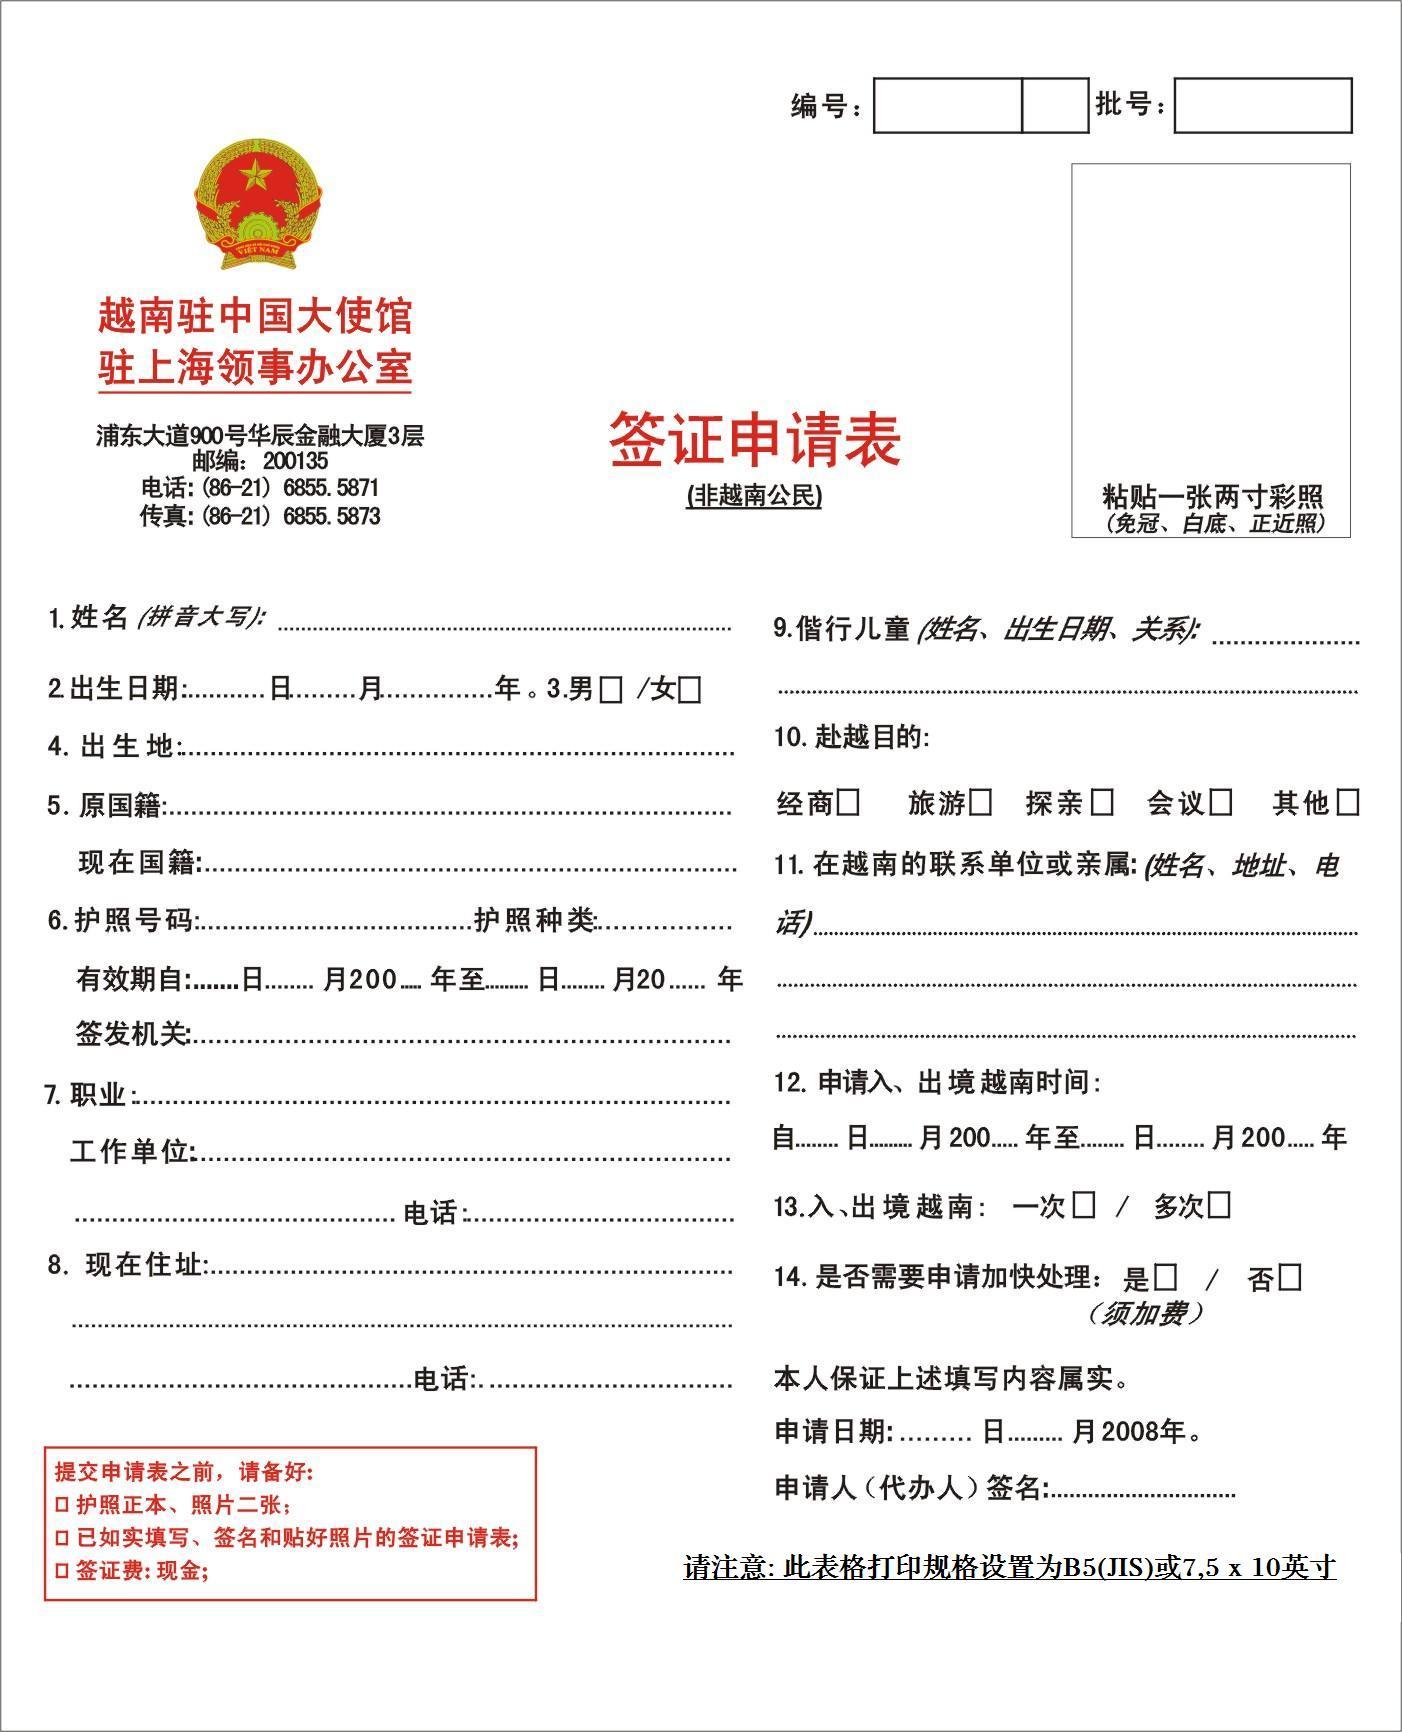 越南驻上海领事办公室,越南签证